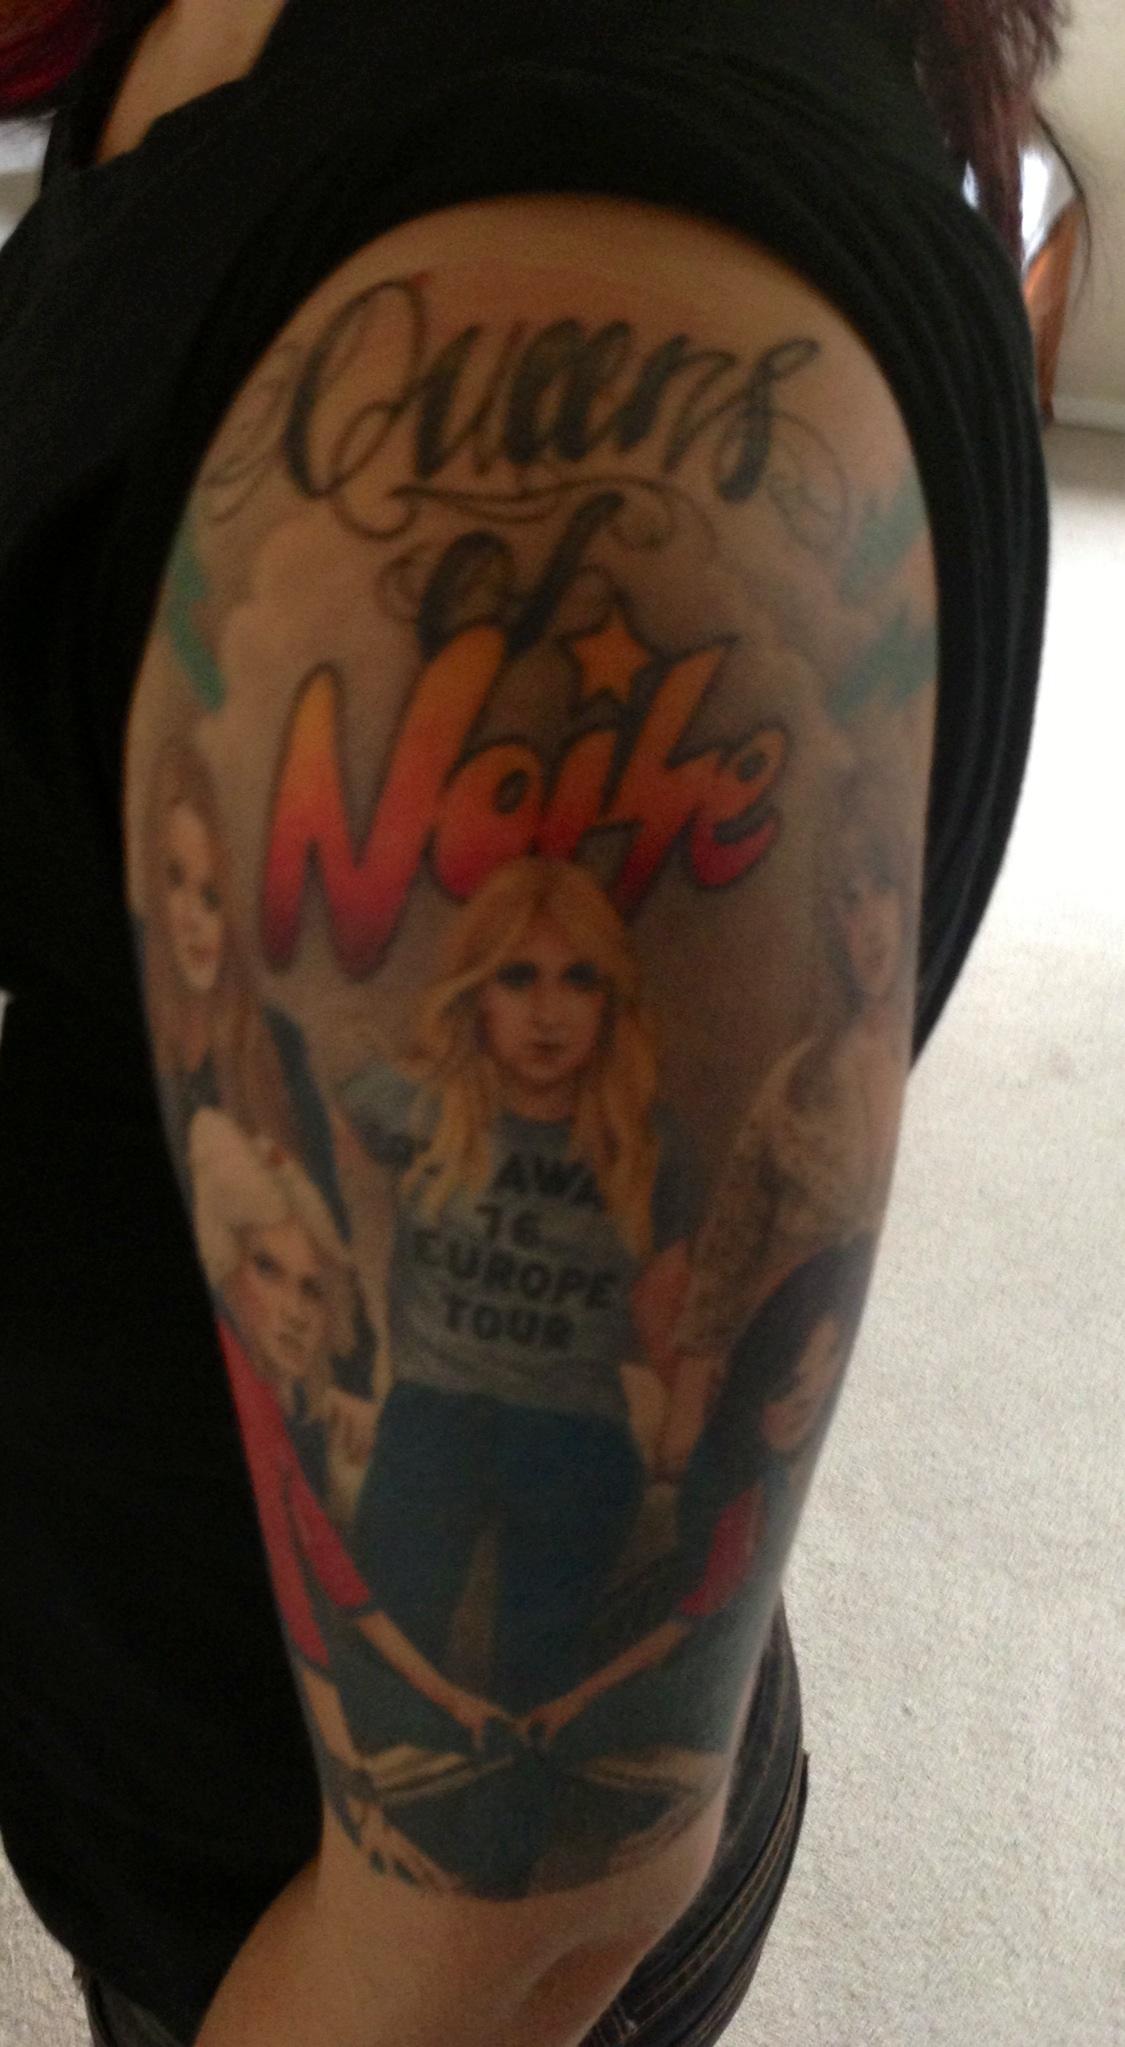 The Runaways Tattoo